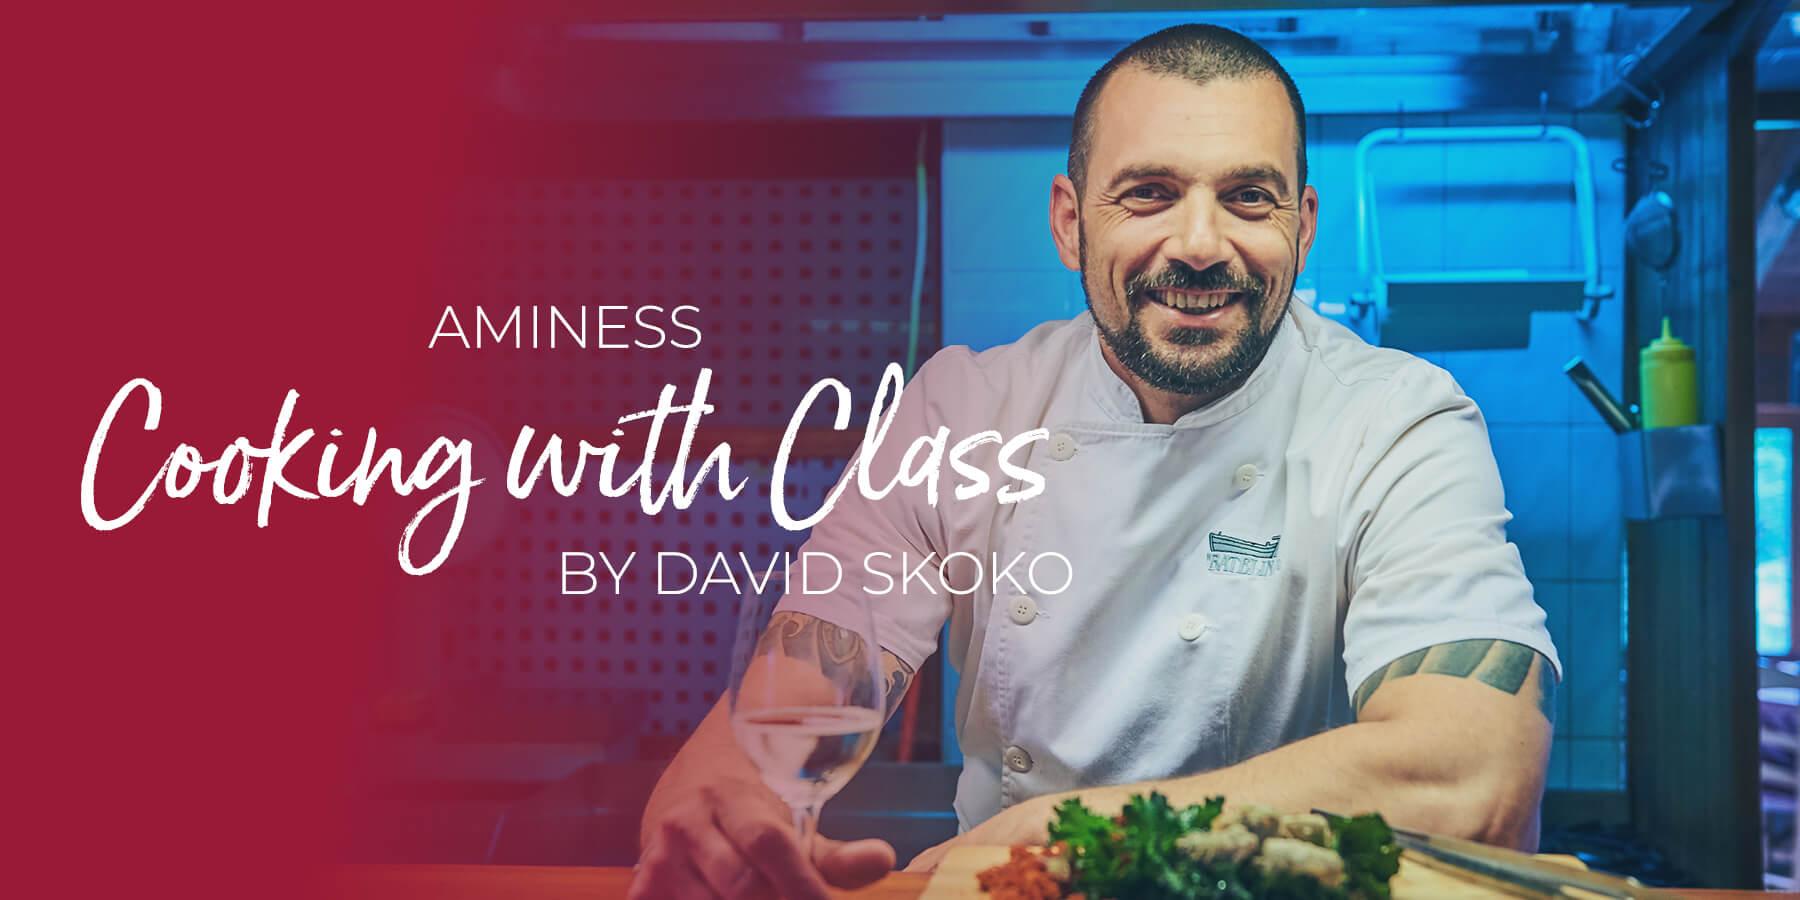 Aminess Cooking with Class by David Skoko – savršena prilika za vikend bijeg u Istru